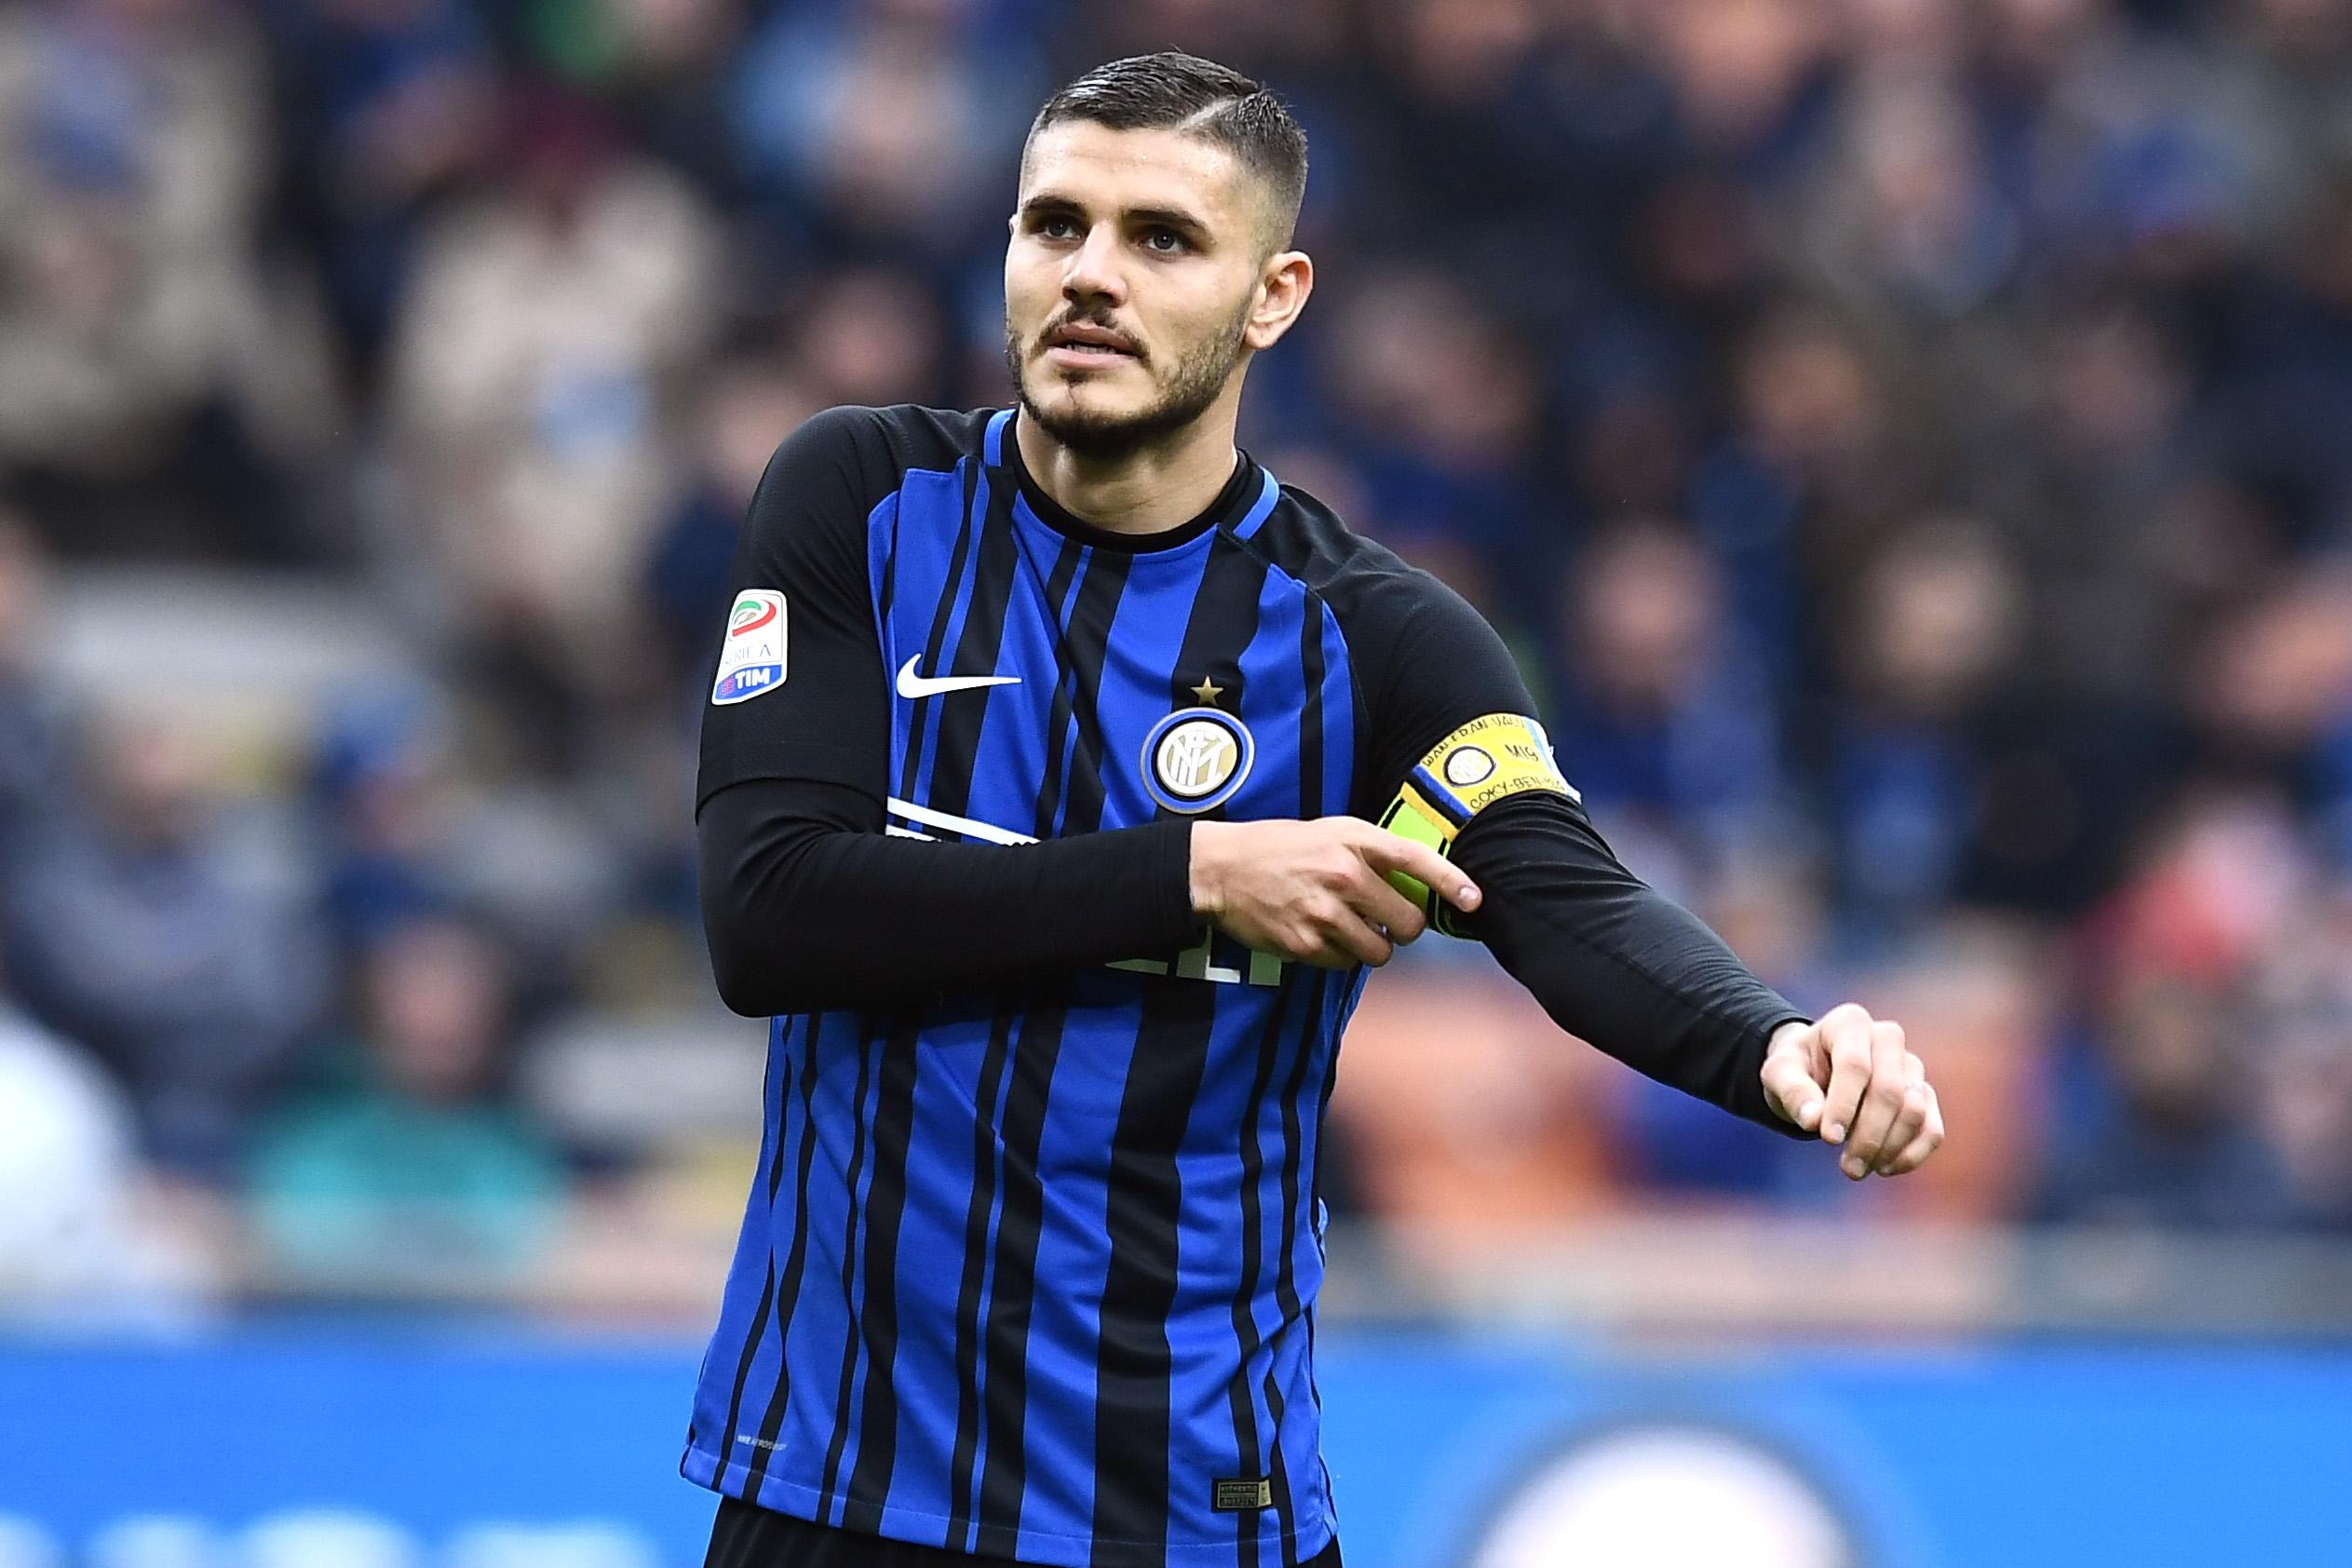 Football - Etranger - Serie A: Cagliari-Inter Milan en direct